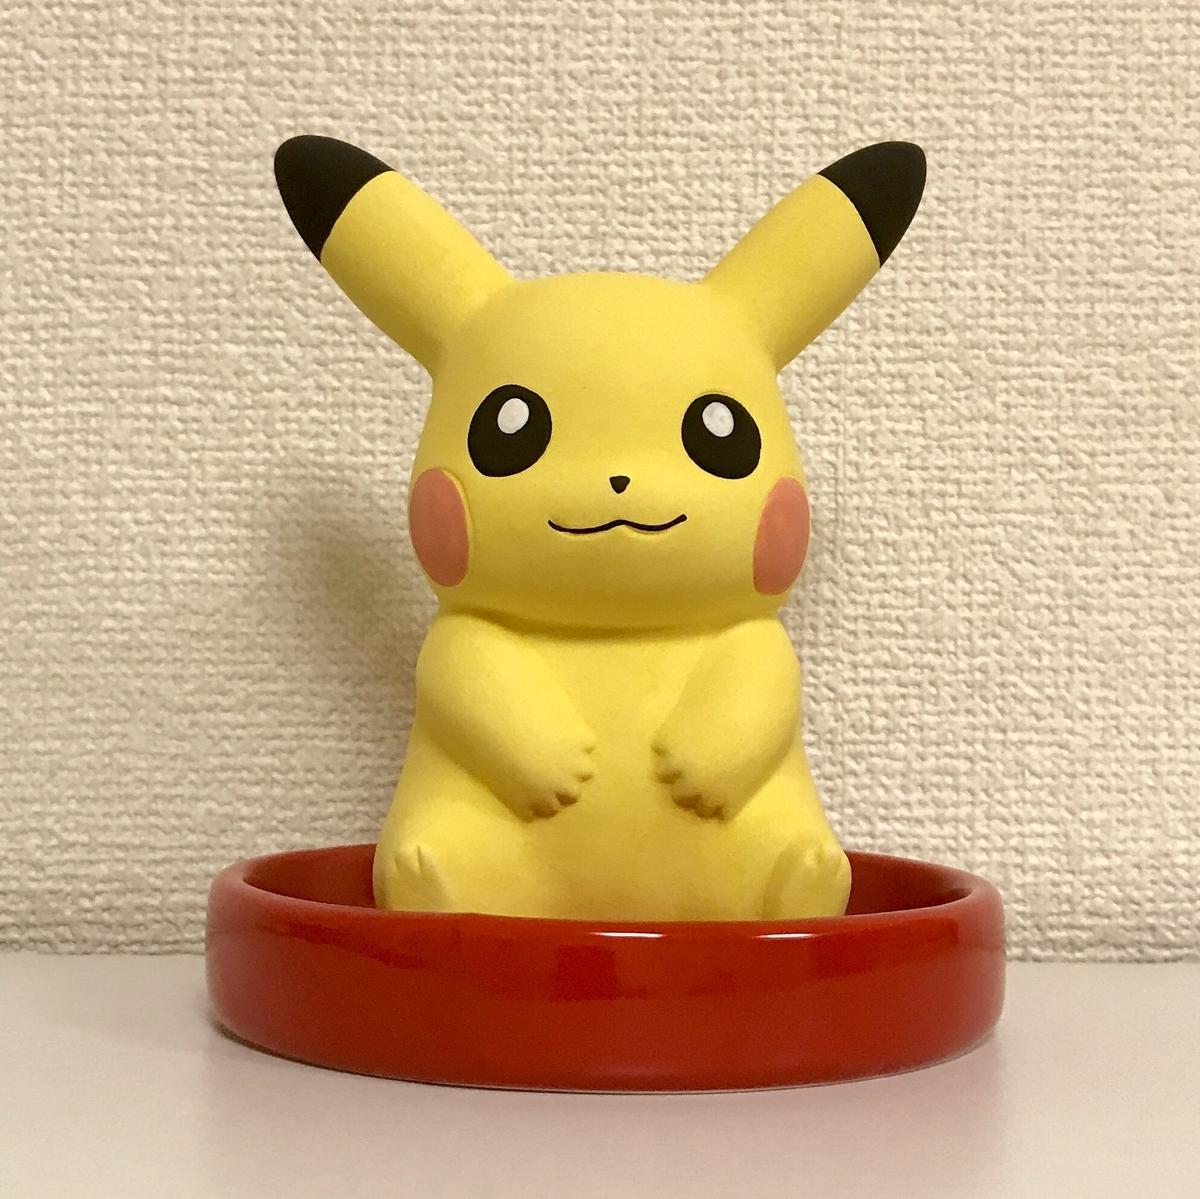 f:id:pikachu_pcn:20191020201153j:plain